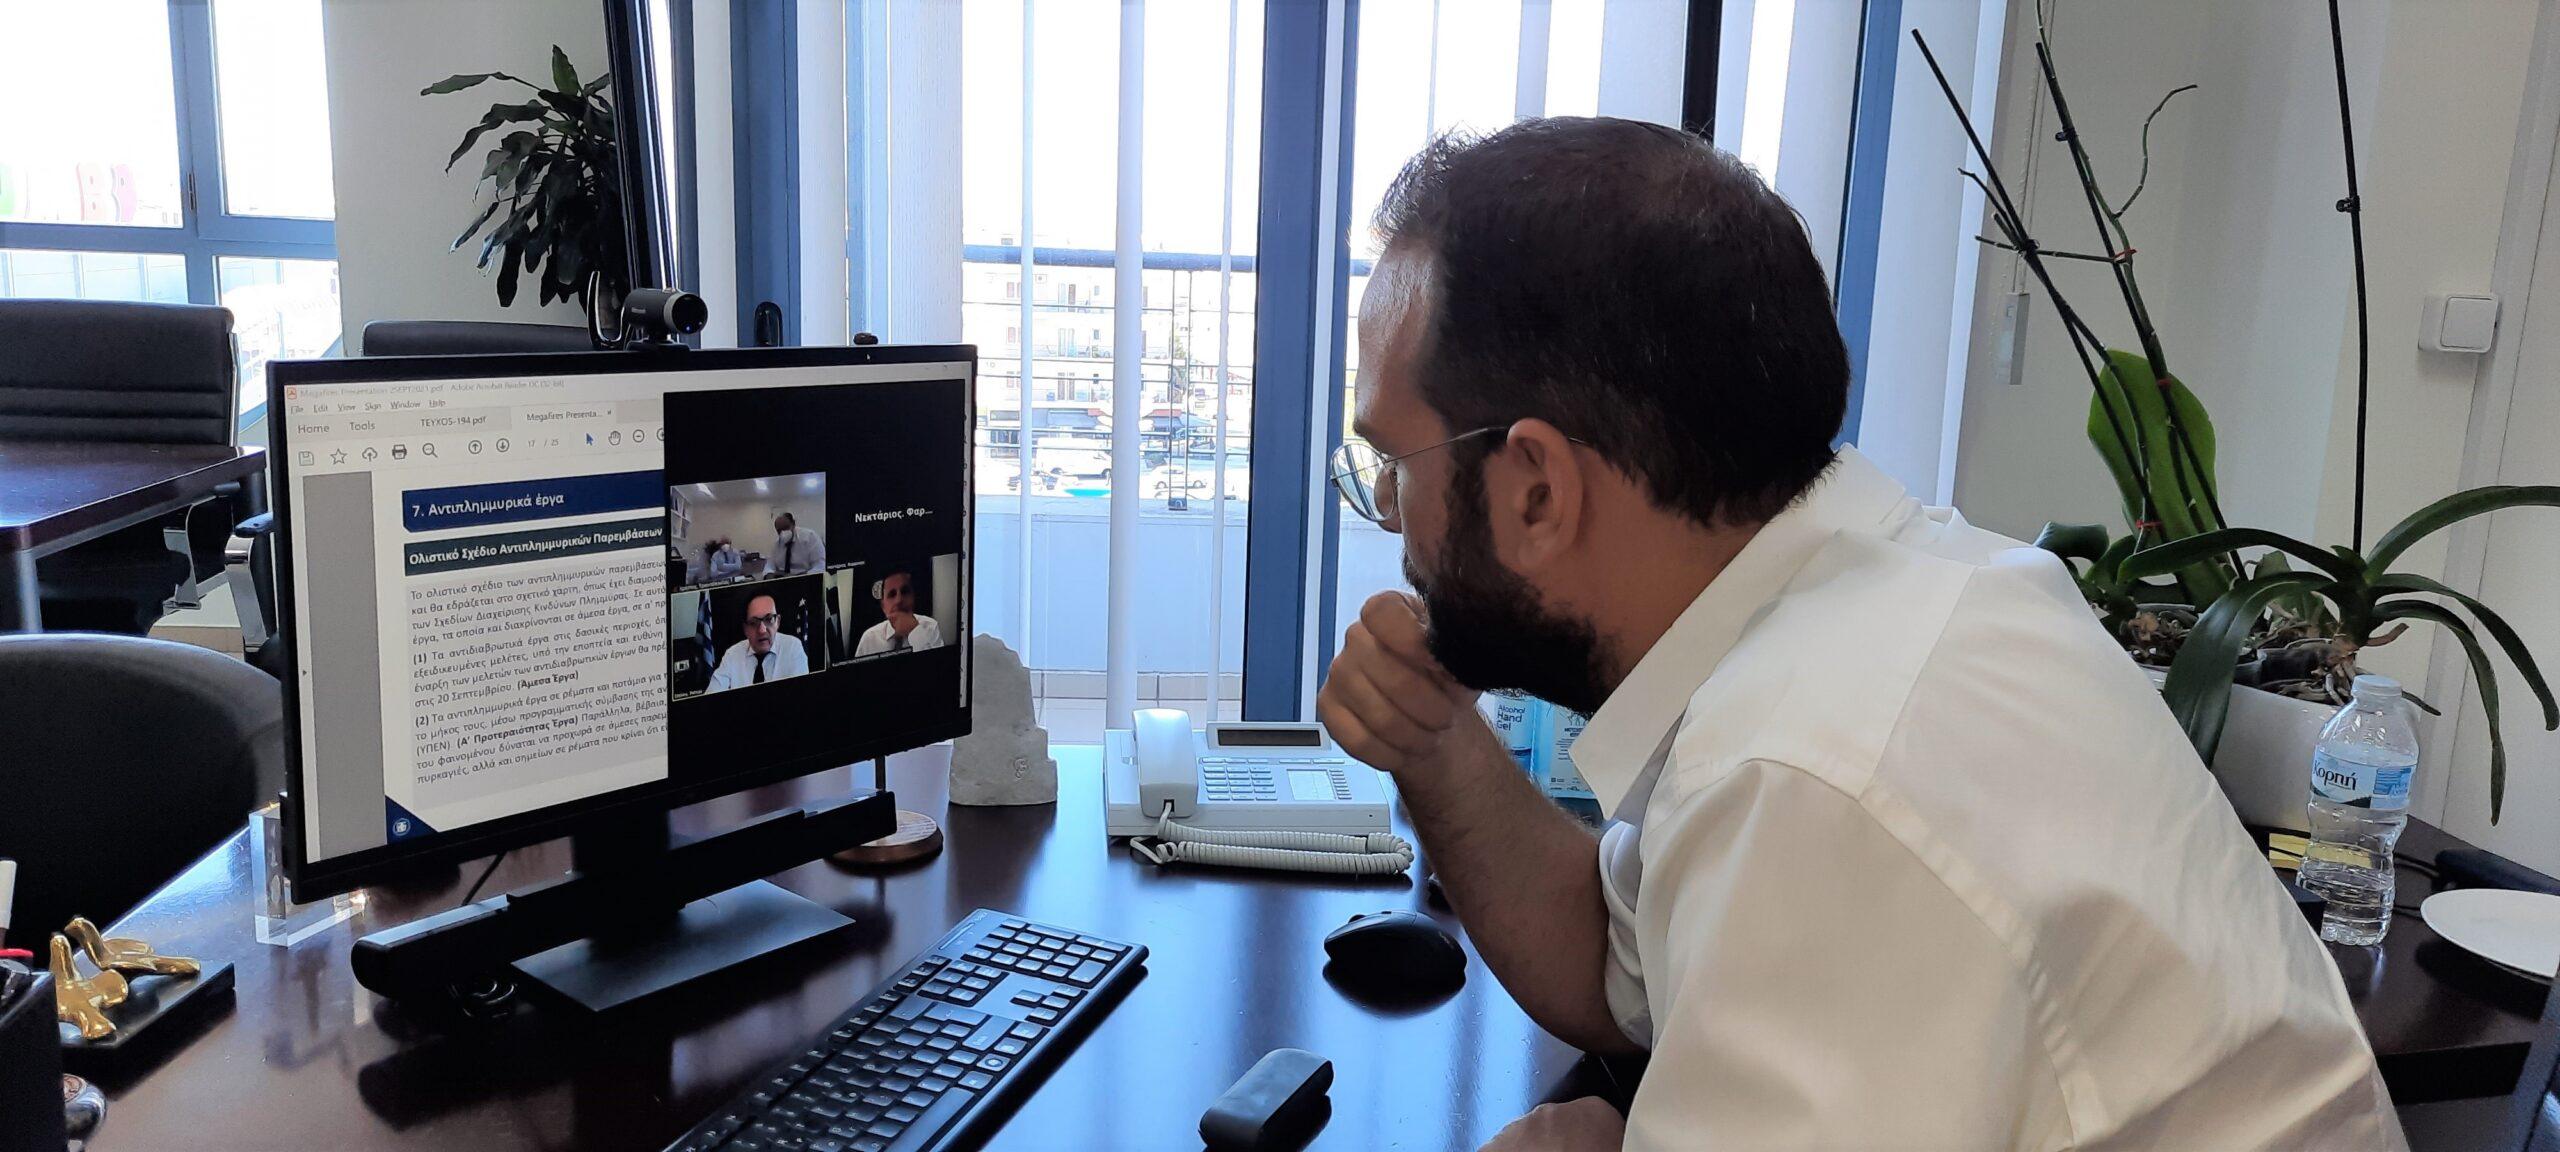 ΠΔΕ: Σύσκεψη συντονισμού για τα αντιδιαβρωτικά και αντιπλημμυρικά έργα του Περιφερειάρχη Ν. Φαρμάκη με κυβερνητικά στελέχη (photos)